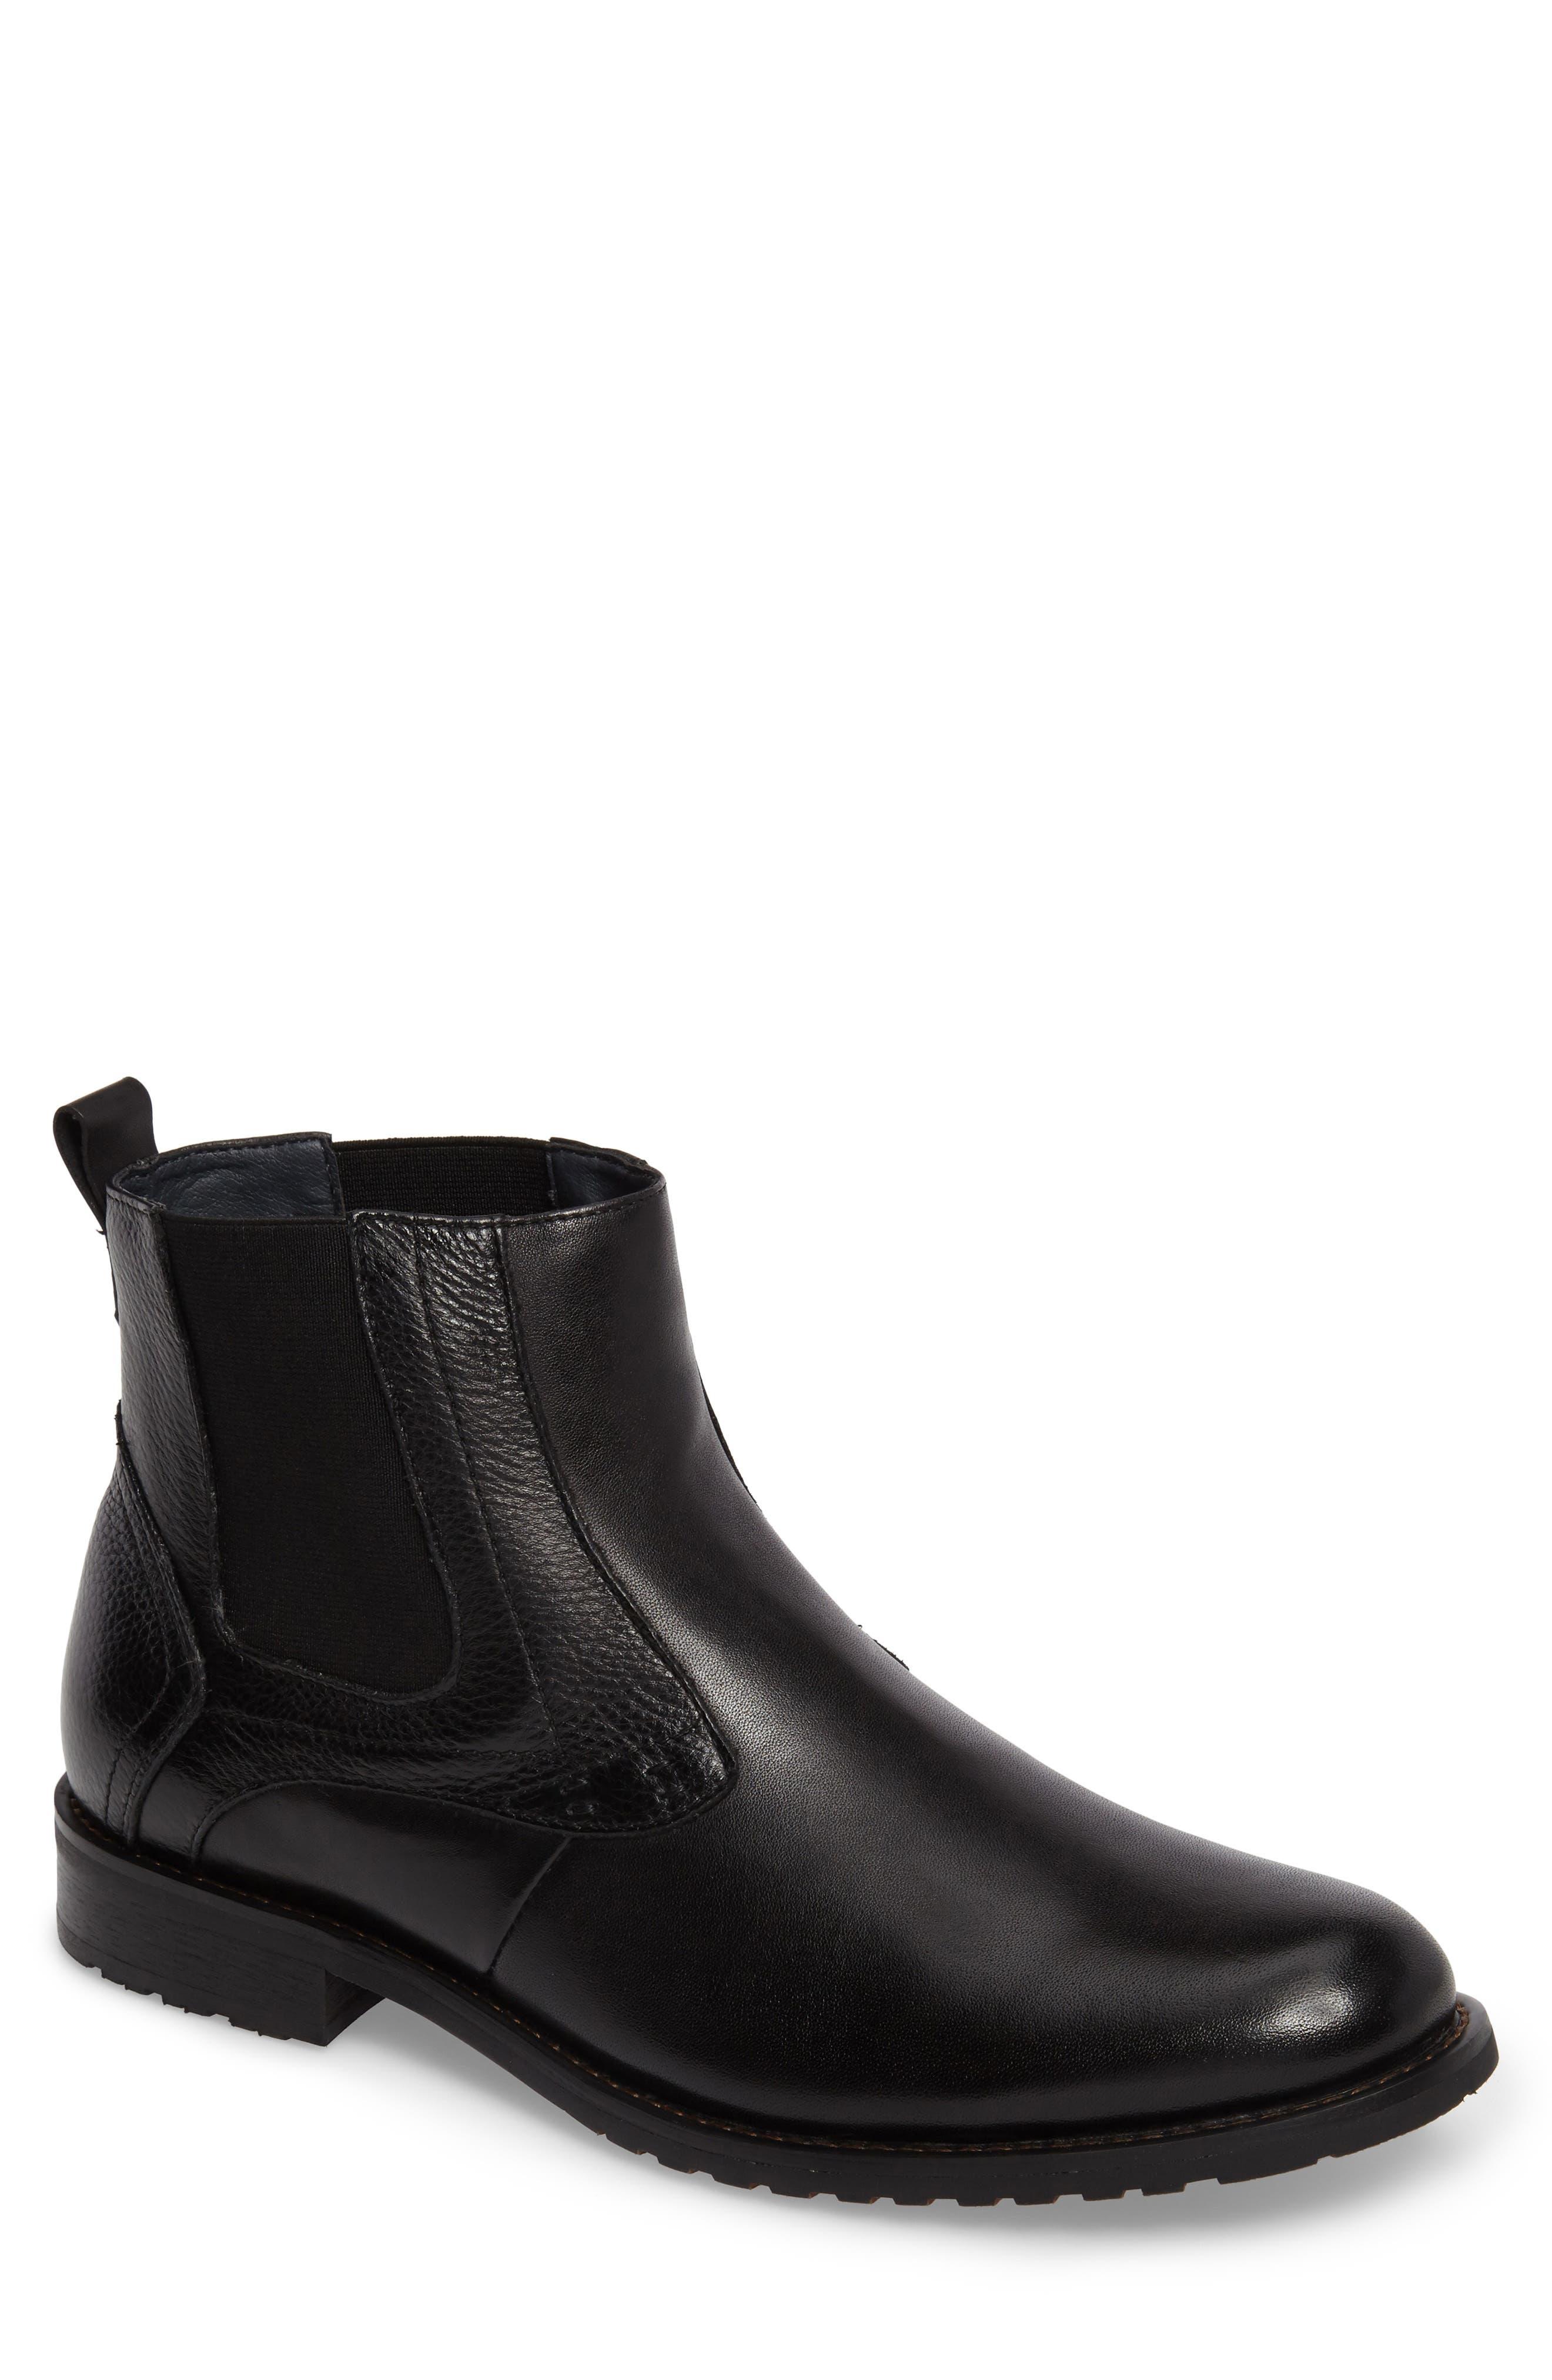 Oaks Chelsea Boot,                         Main,                         color, 001